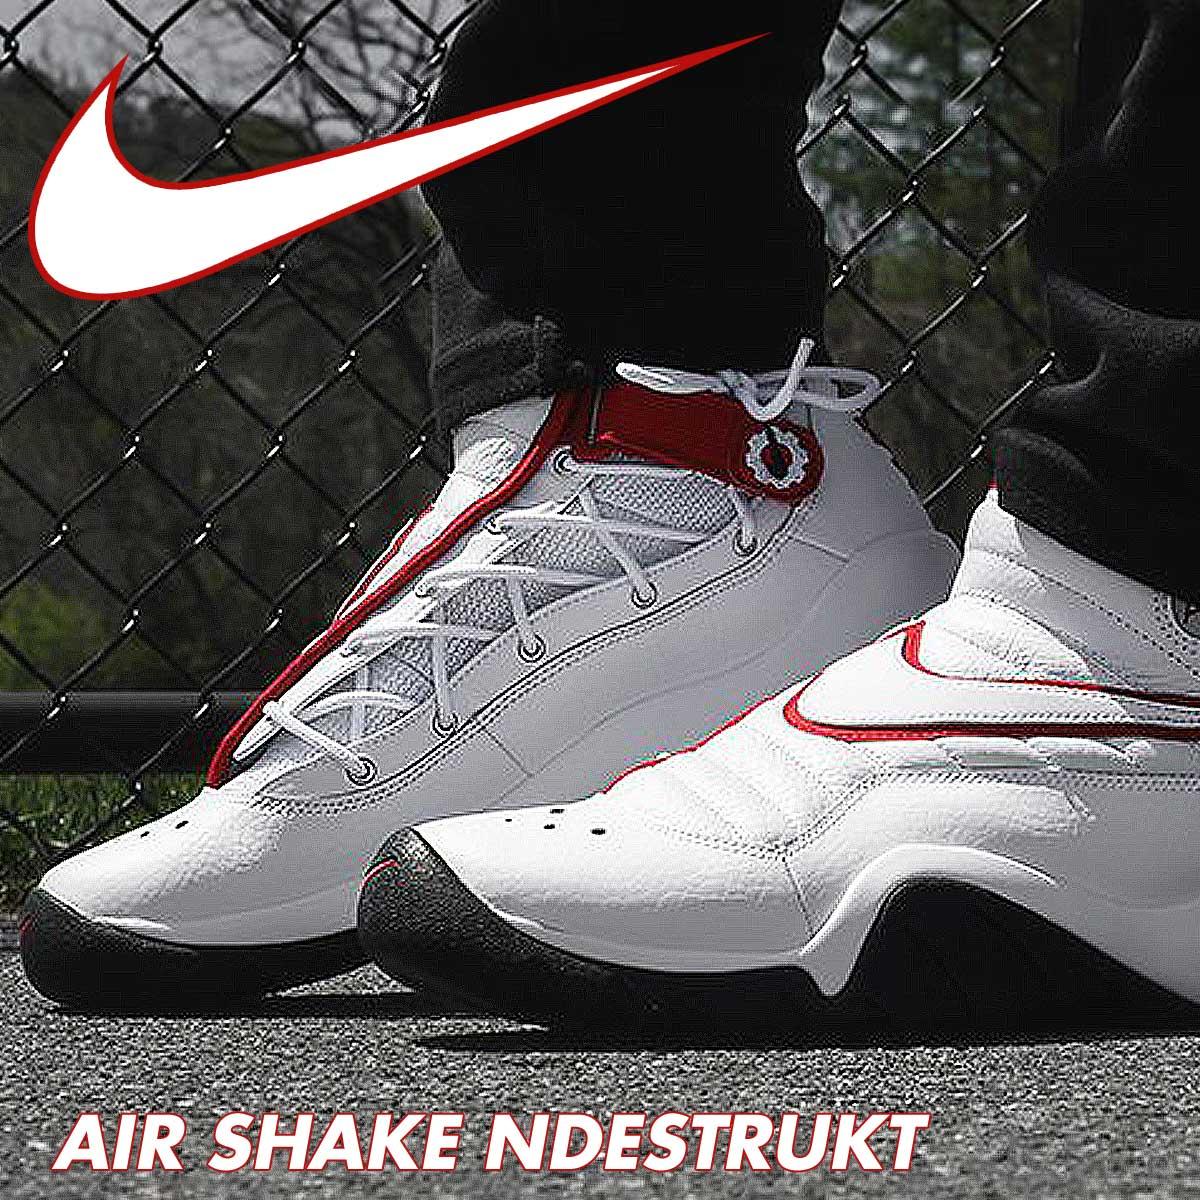 sports shoes c899c 89d37 ... Nike NIKE air shake sneakers AIR SHAKE NDESTRUKT エアシェイクインデストラクト 880,869- 100 men s ...